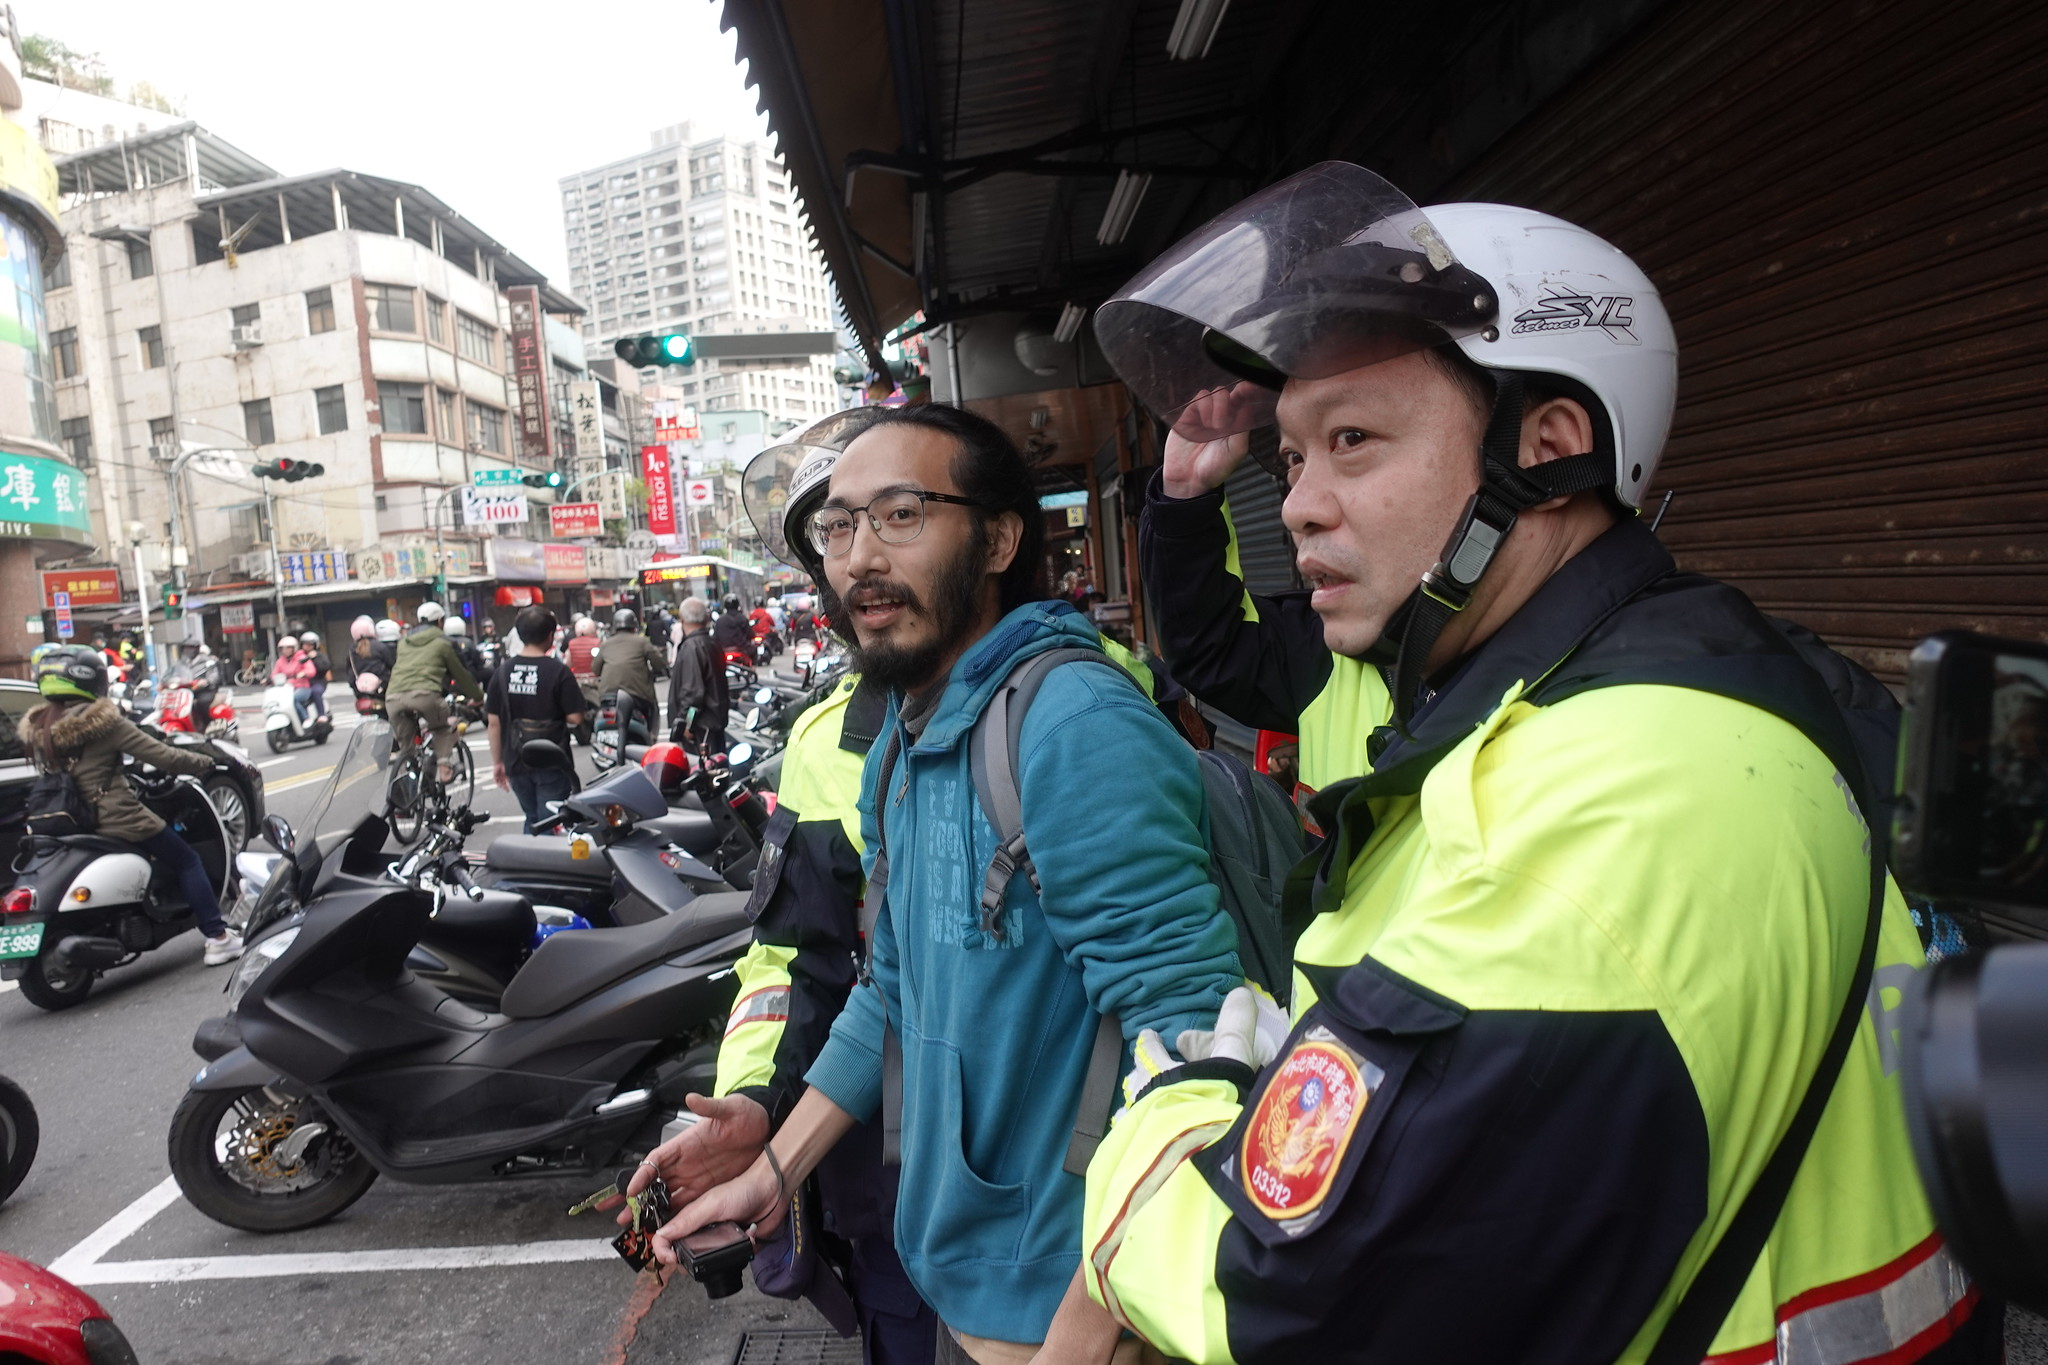 《焦點事件》記者王子豪再度被警方針對,妨礙其採訪。(攝影:張智琦)